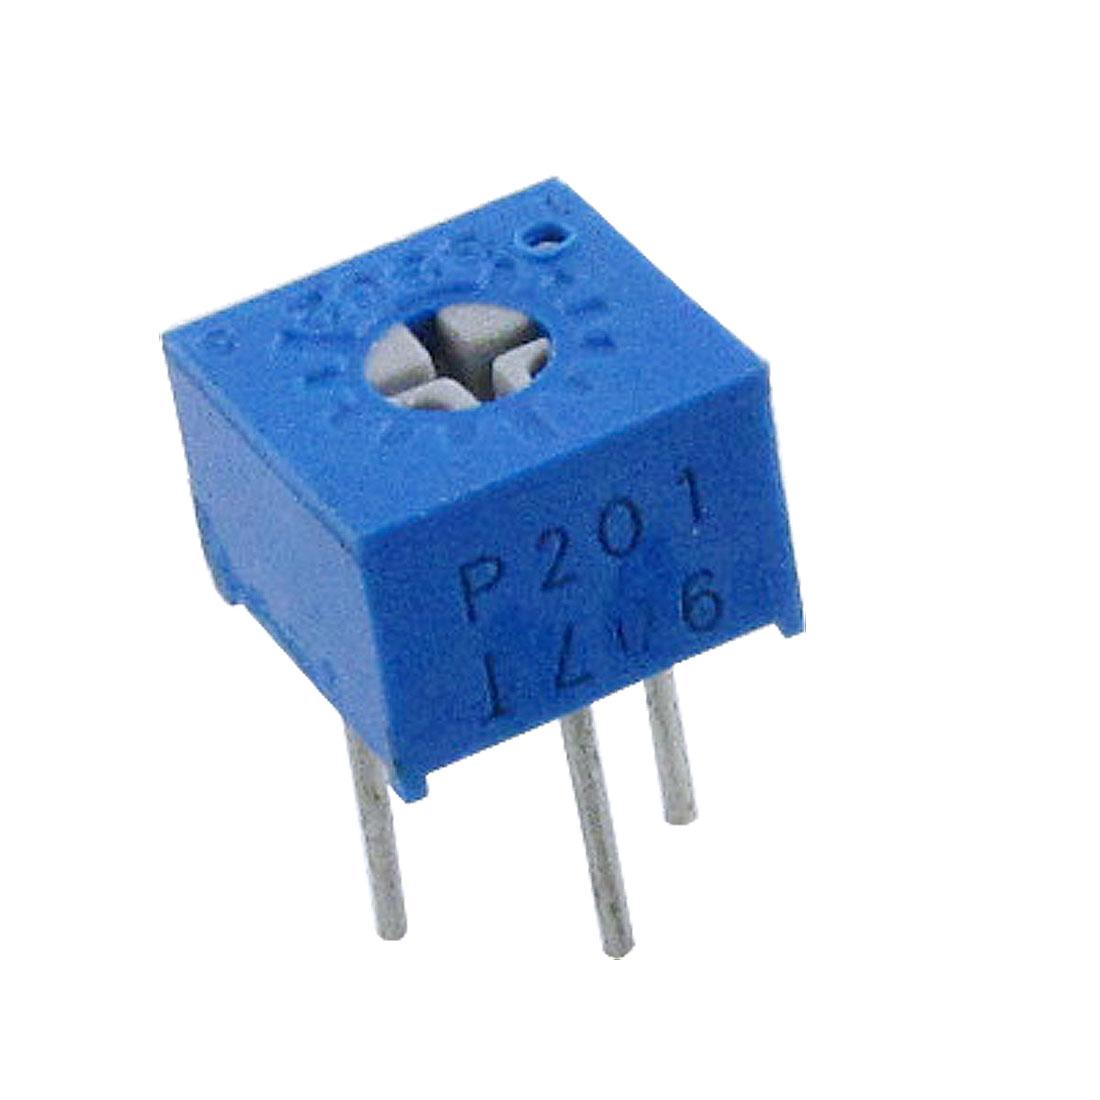 3362P-1-201 Single Turn Trimmer Pot Potentiometer 200 Ohm 50 Pcs